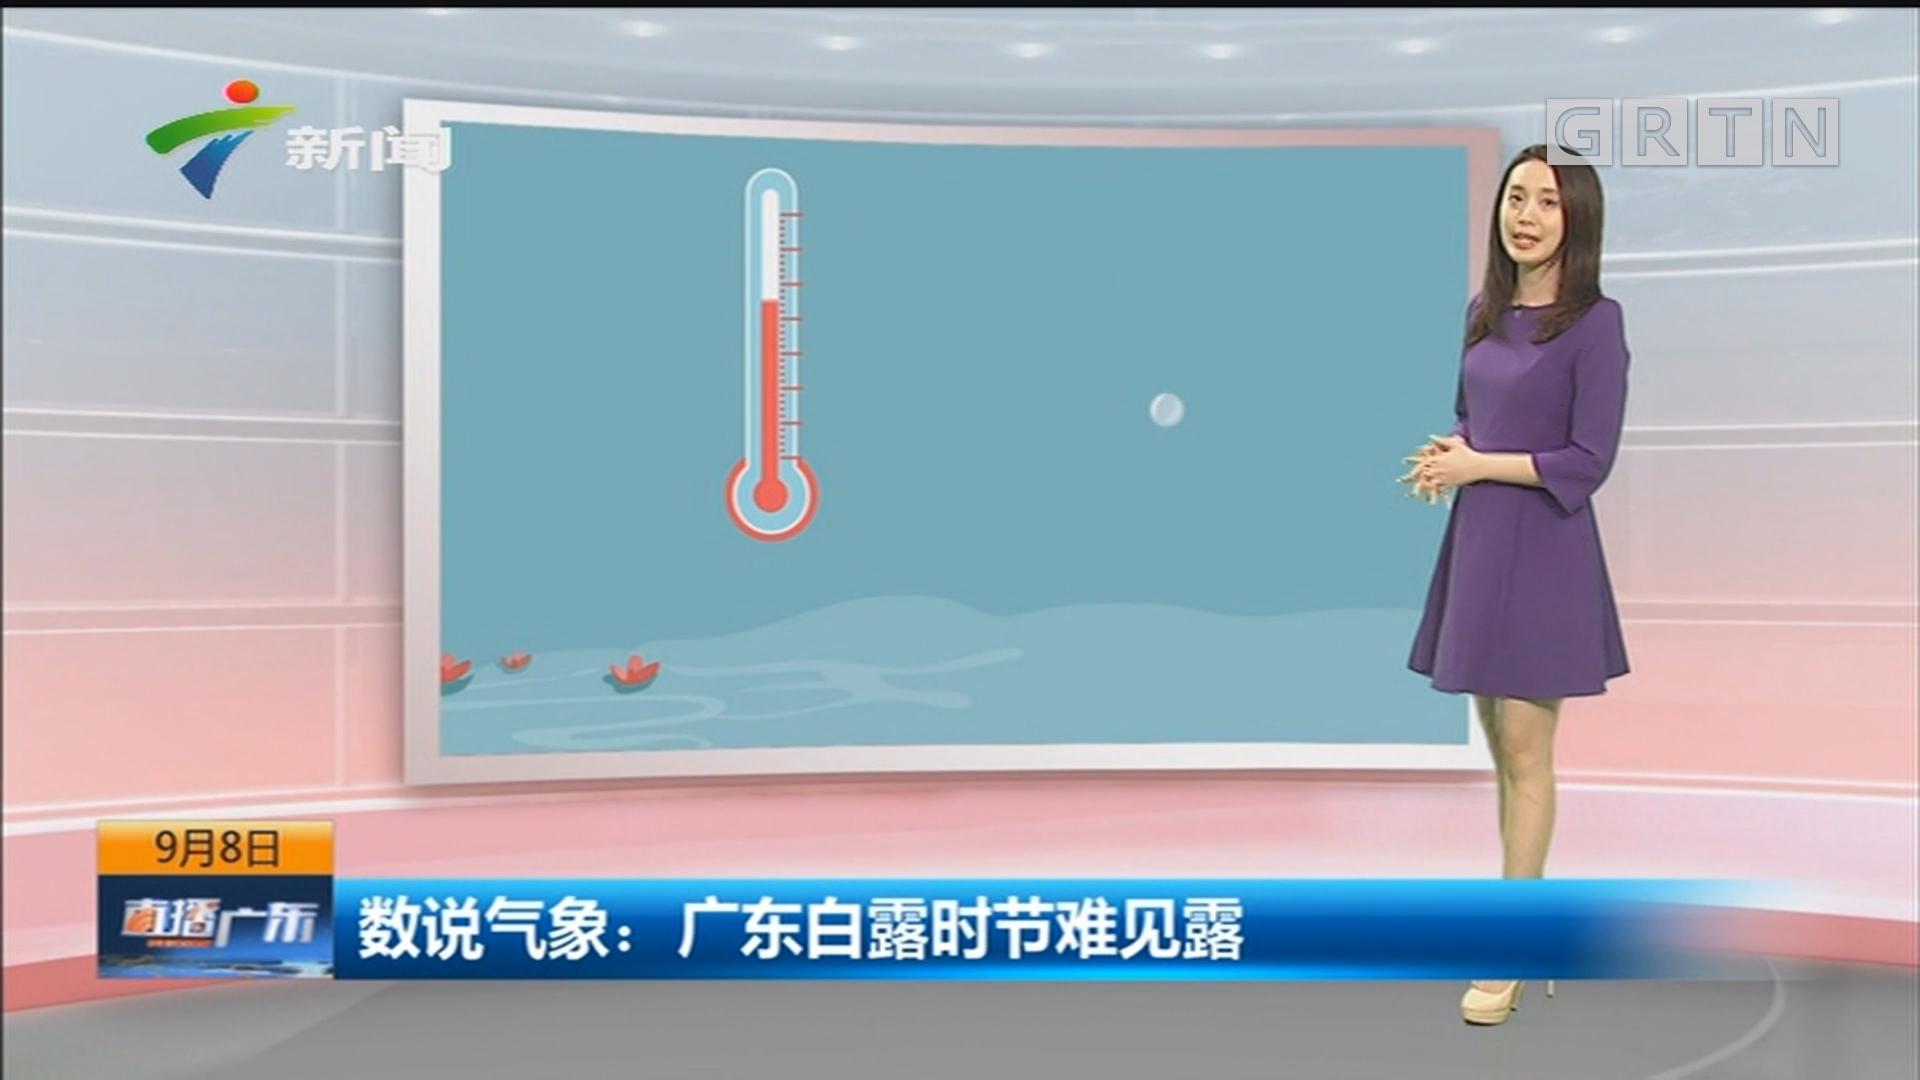 数说气象:广东白露时节难见露